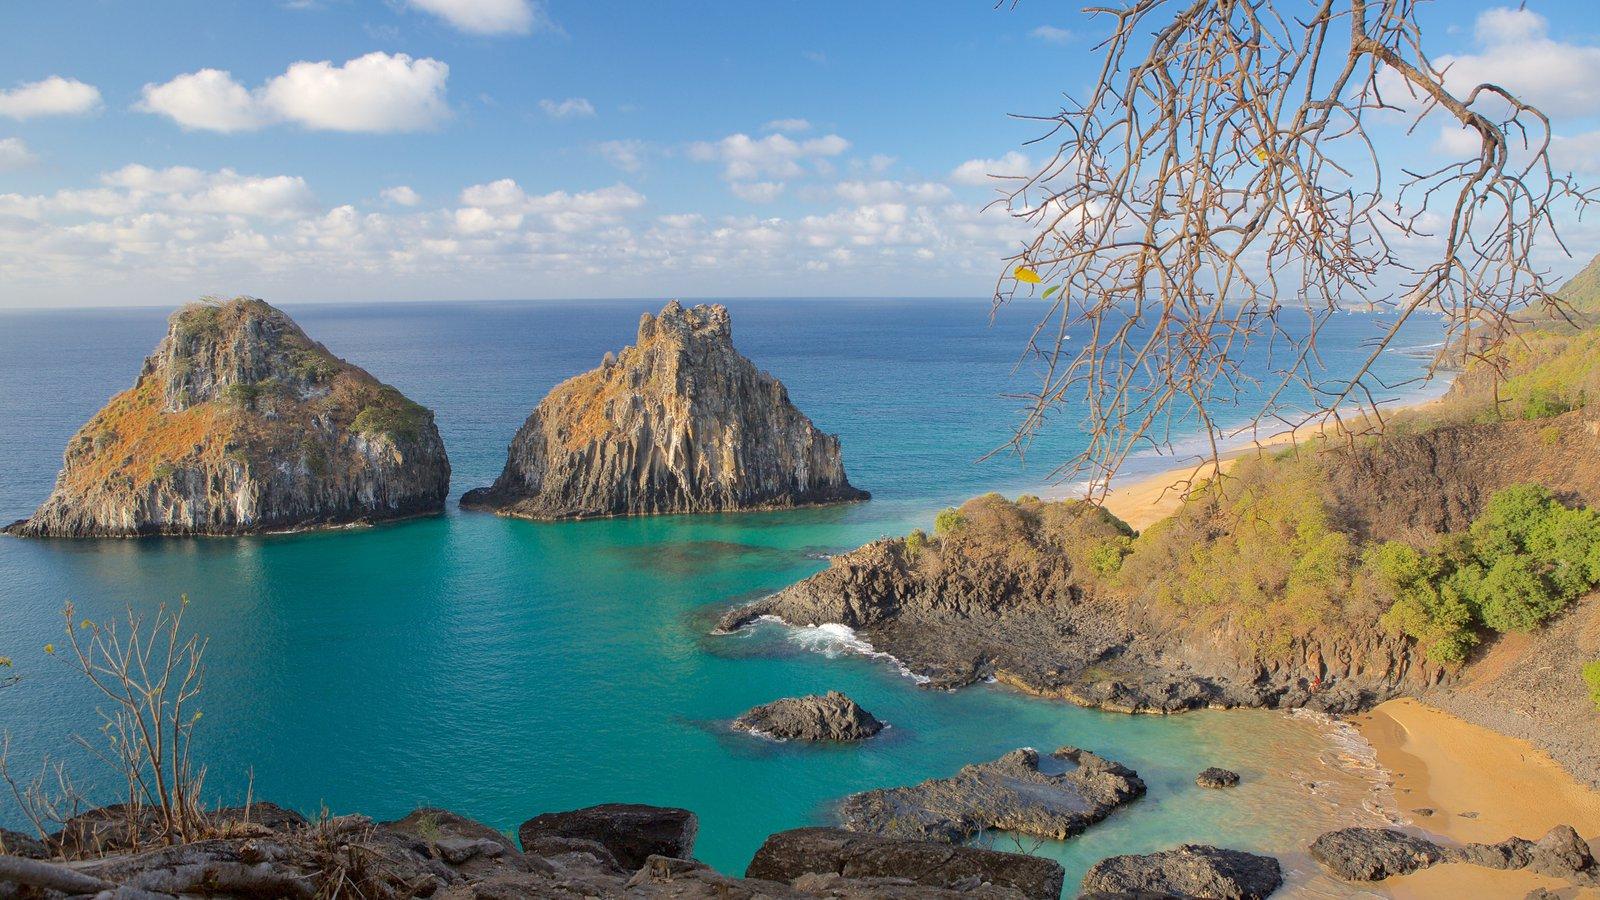 Baía dos Porcos caracterizando litoral acidentado, imagens da ilha e paisagens litorâneas